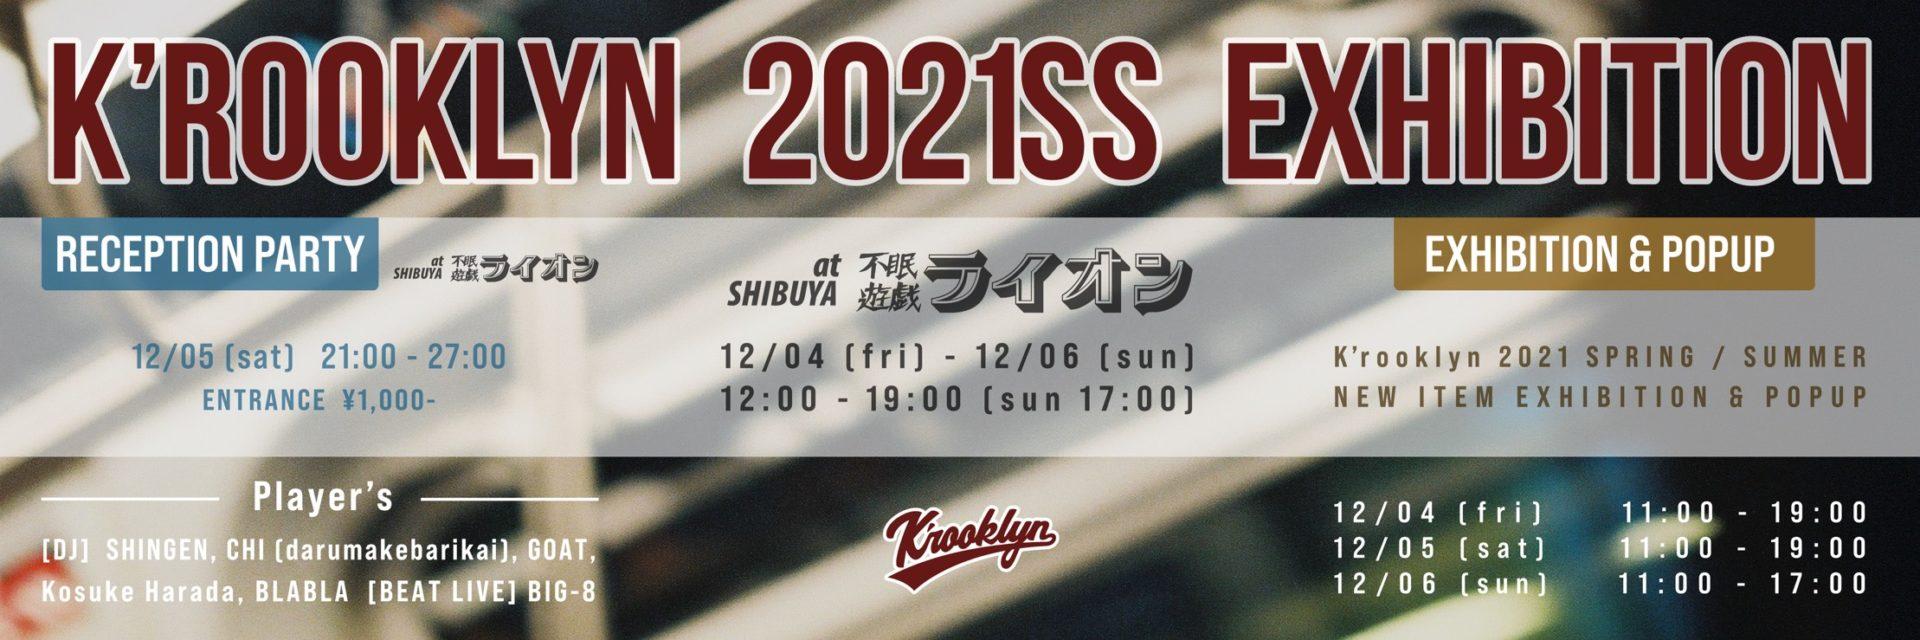 ストリートなイベント【東京】K'rooklyn 2021SS COLLECTION展示会 3日間の展示会&生かしたDJ陣によるイベント開催!